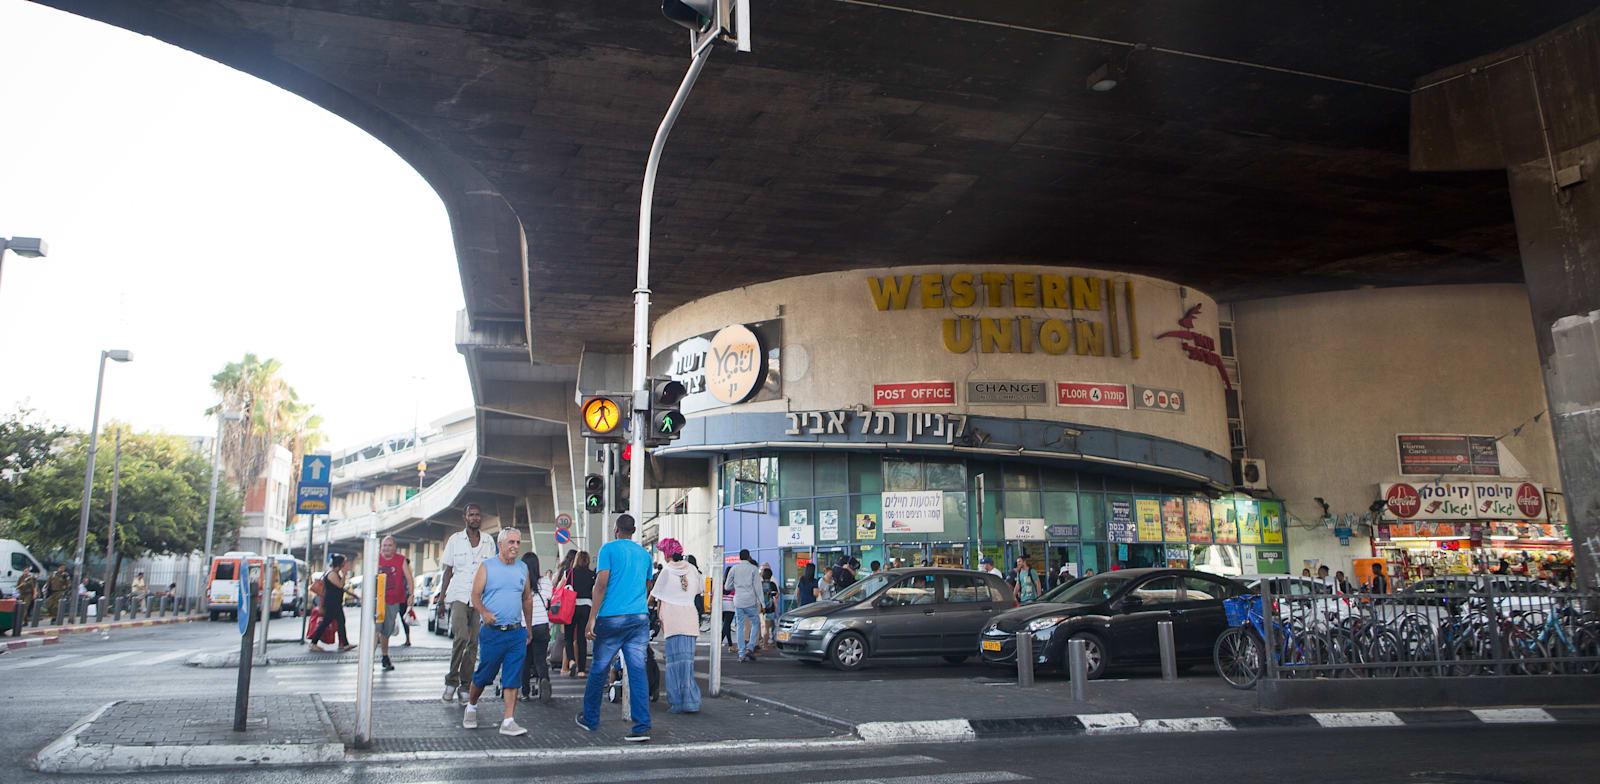 Tel Aviv Central Bus Station Photo: Shlomi Yosef